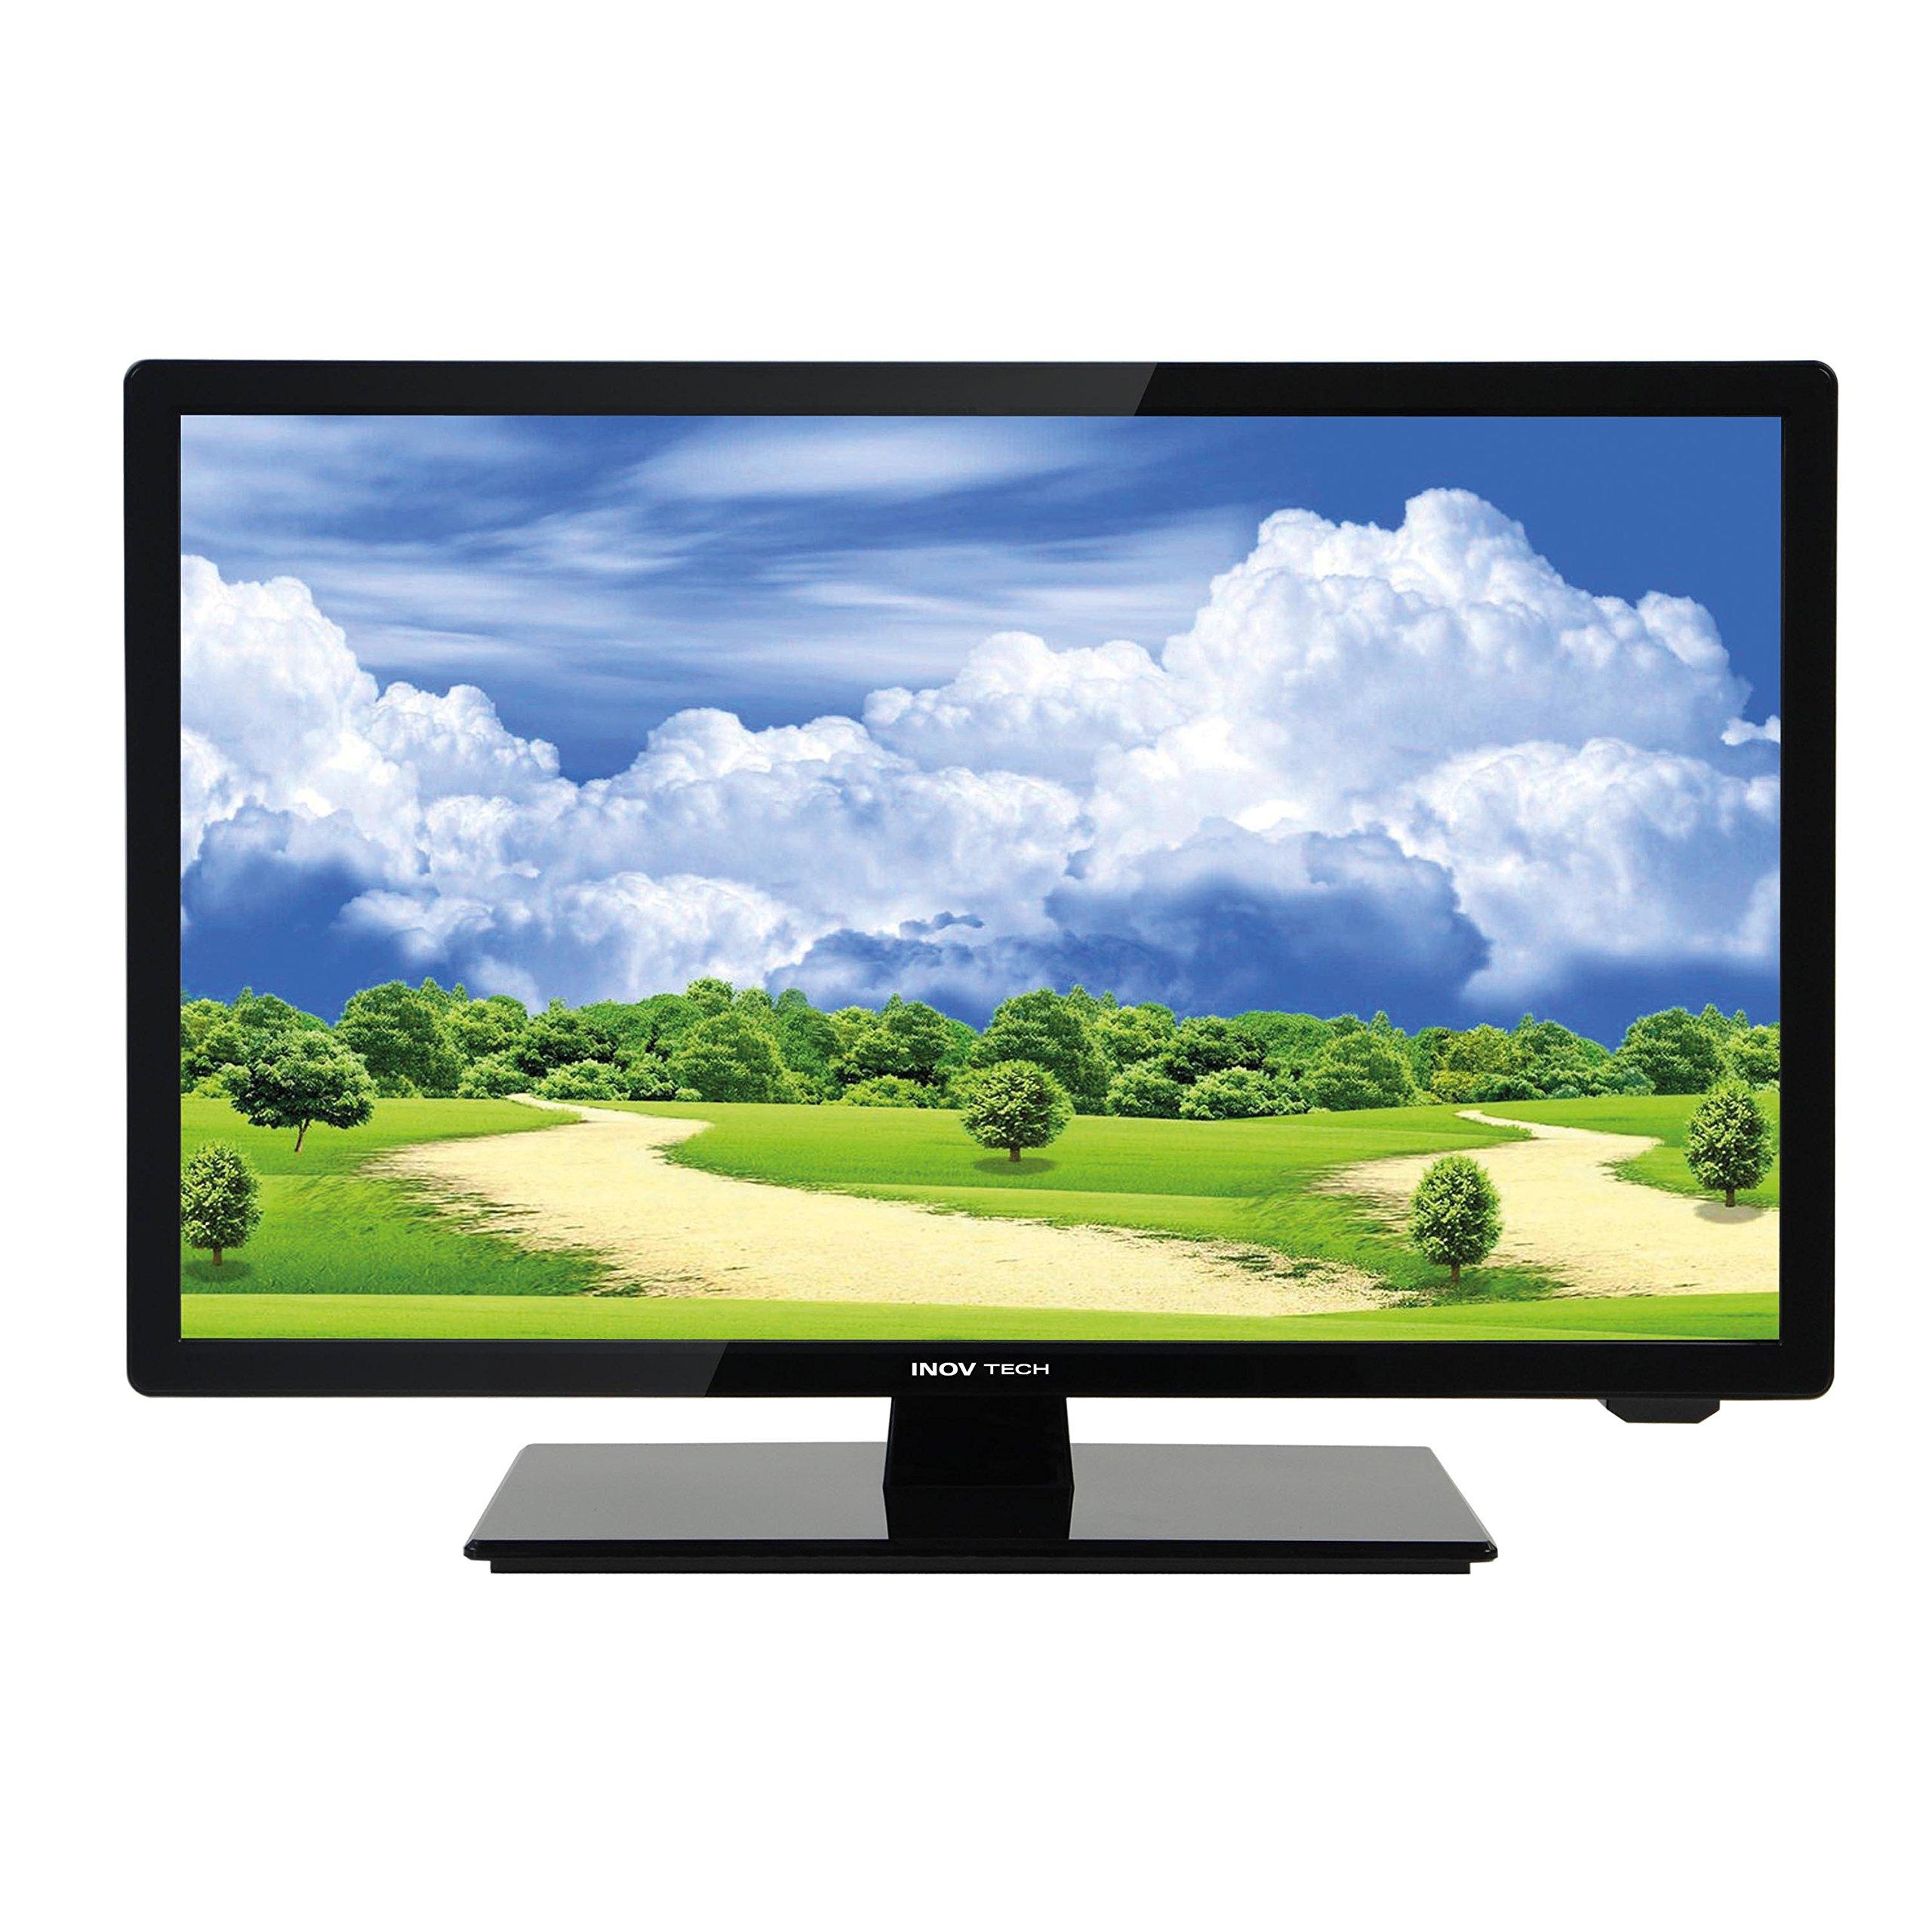 Inovtech televisor LED alta definición Ultra Compact 21,5